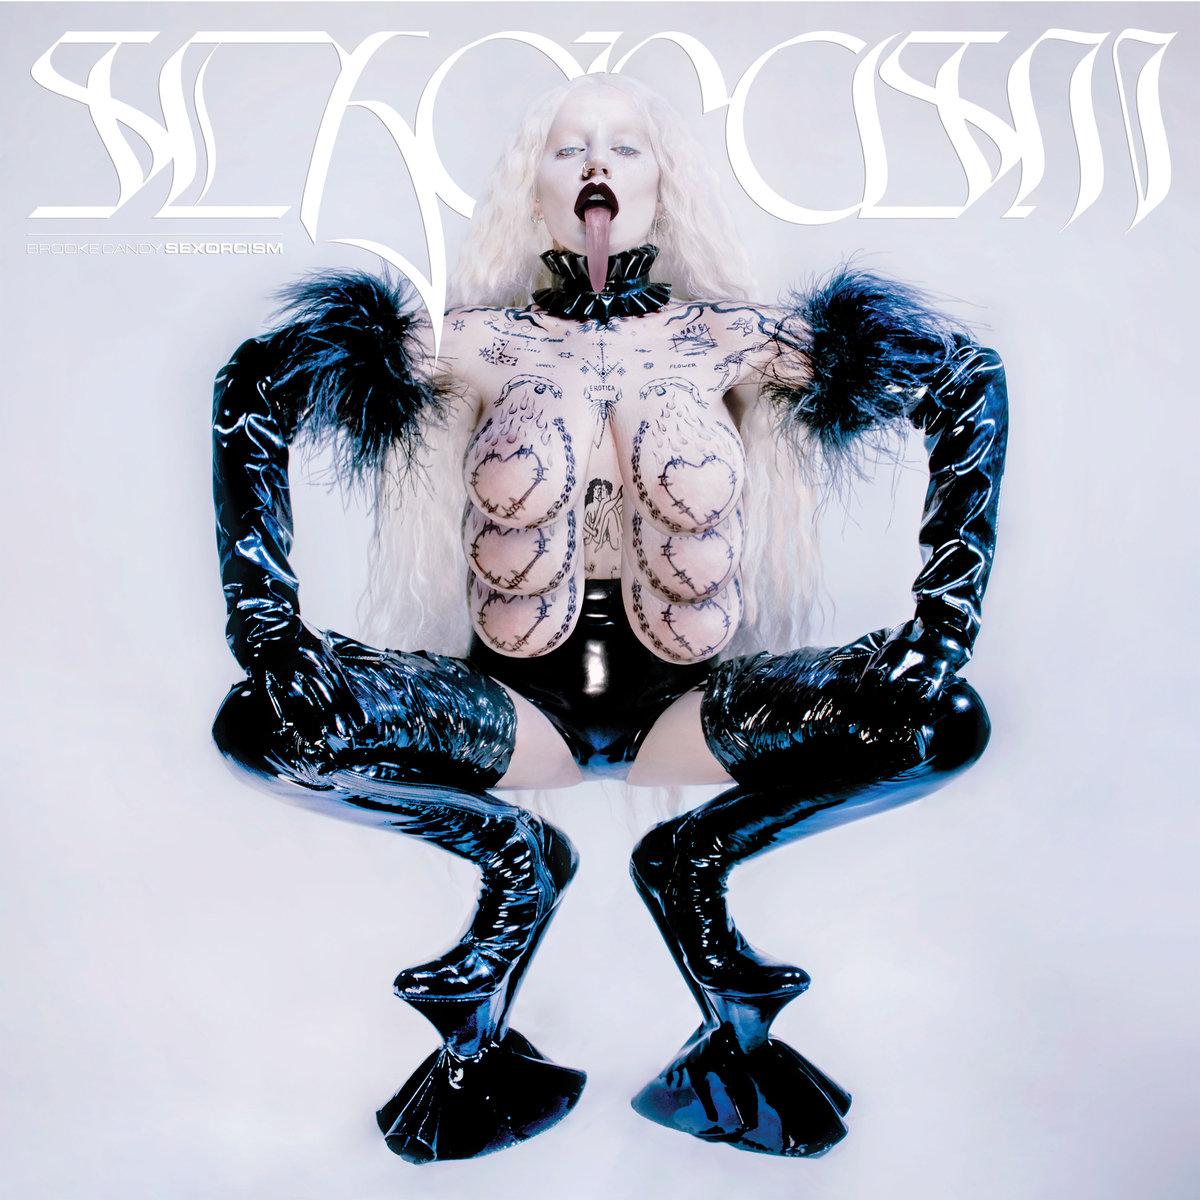 """Portada del disco de Brooke Candy, """"Sexorcism"""". Foto: Bandcamp"""